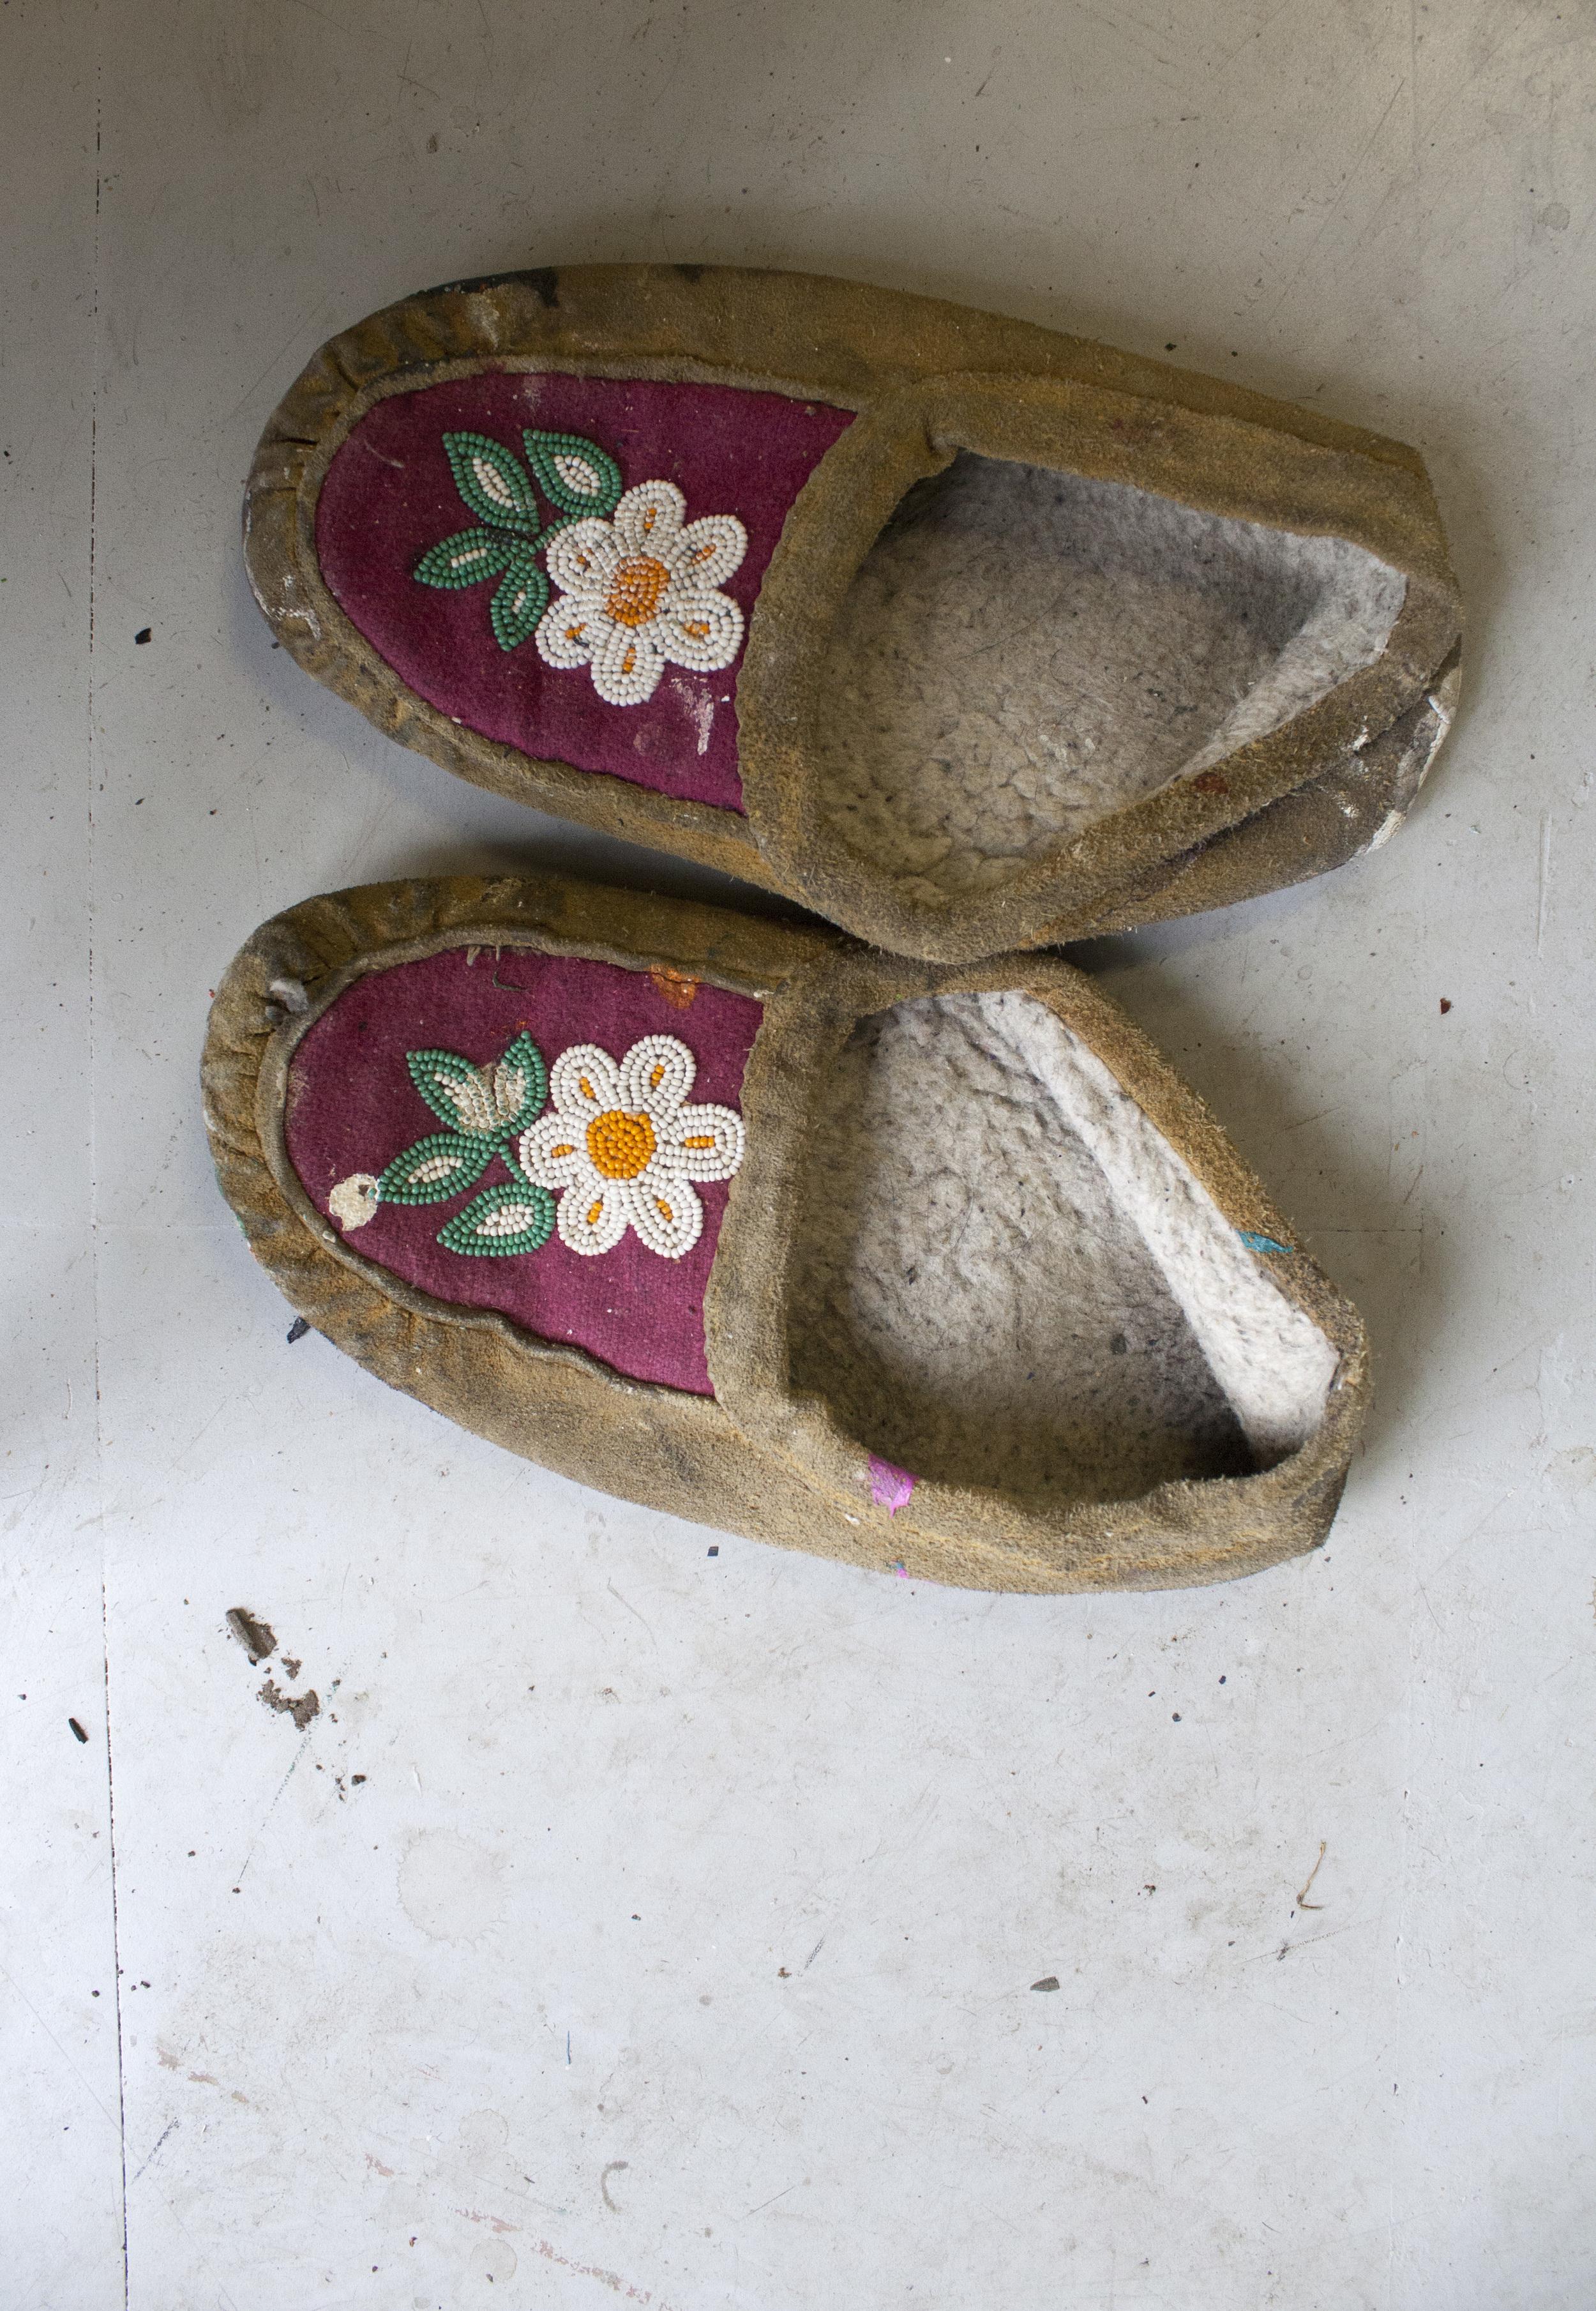 Studio slippers.